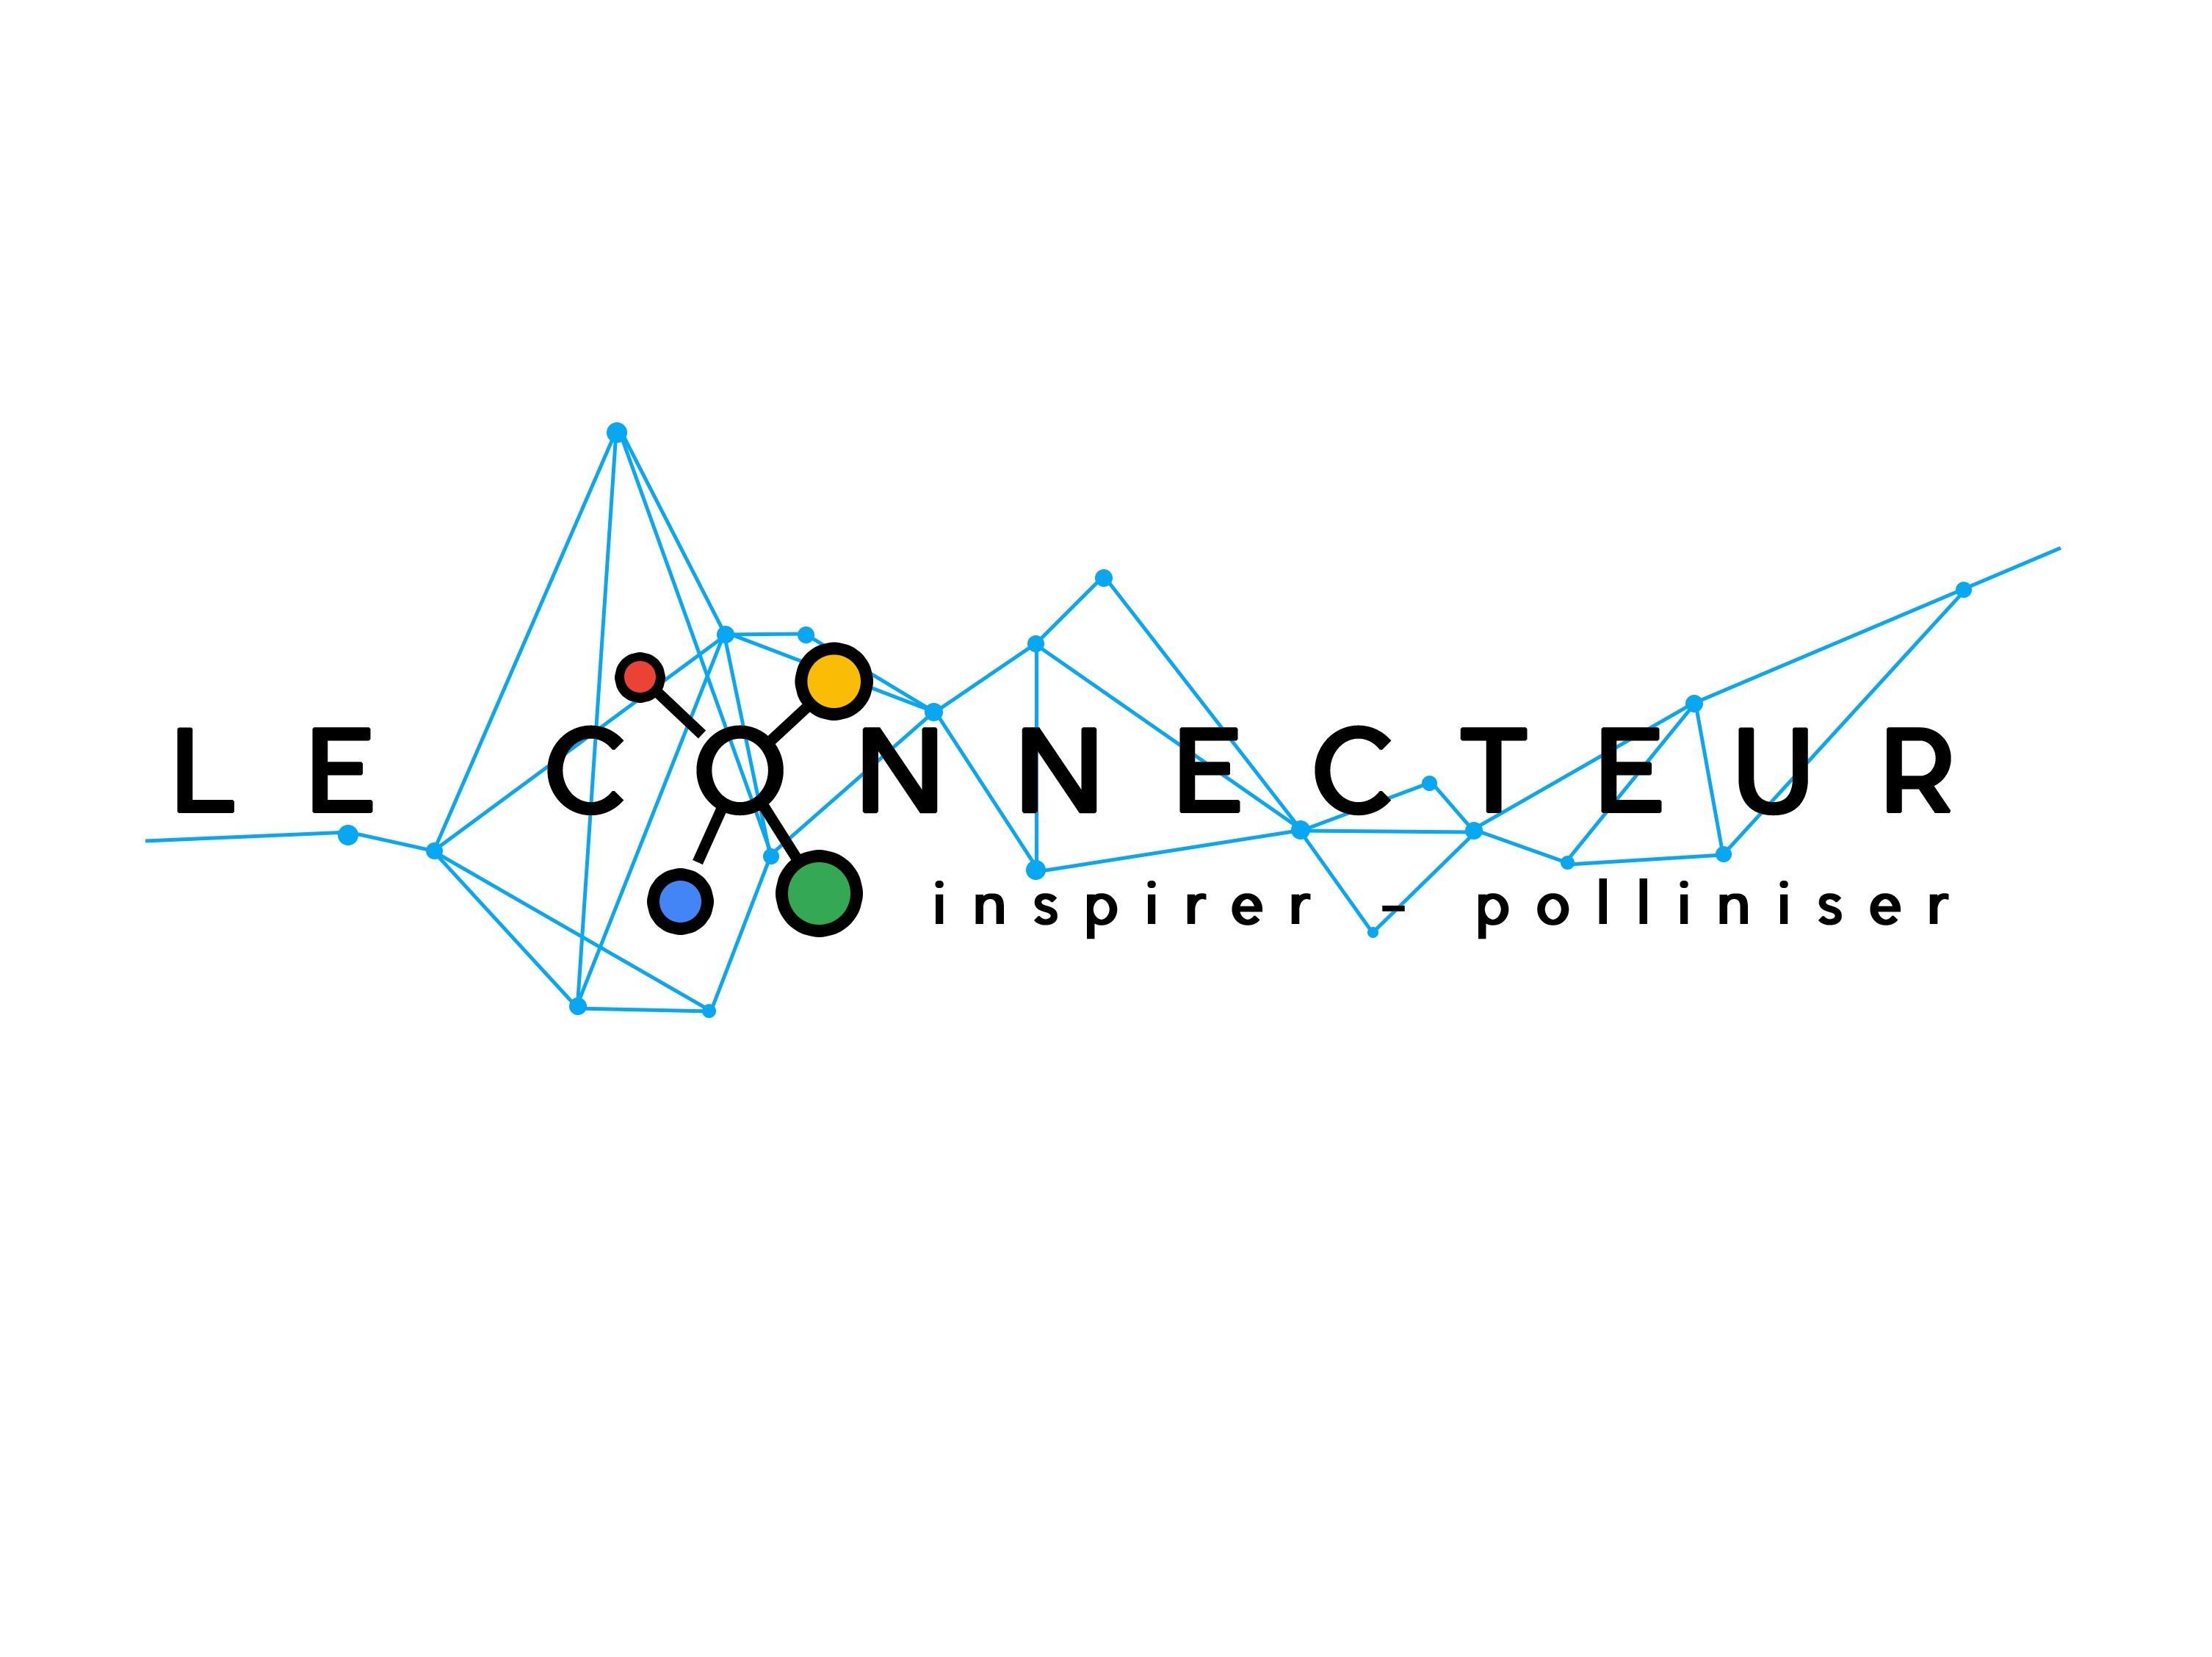 Le connecteur